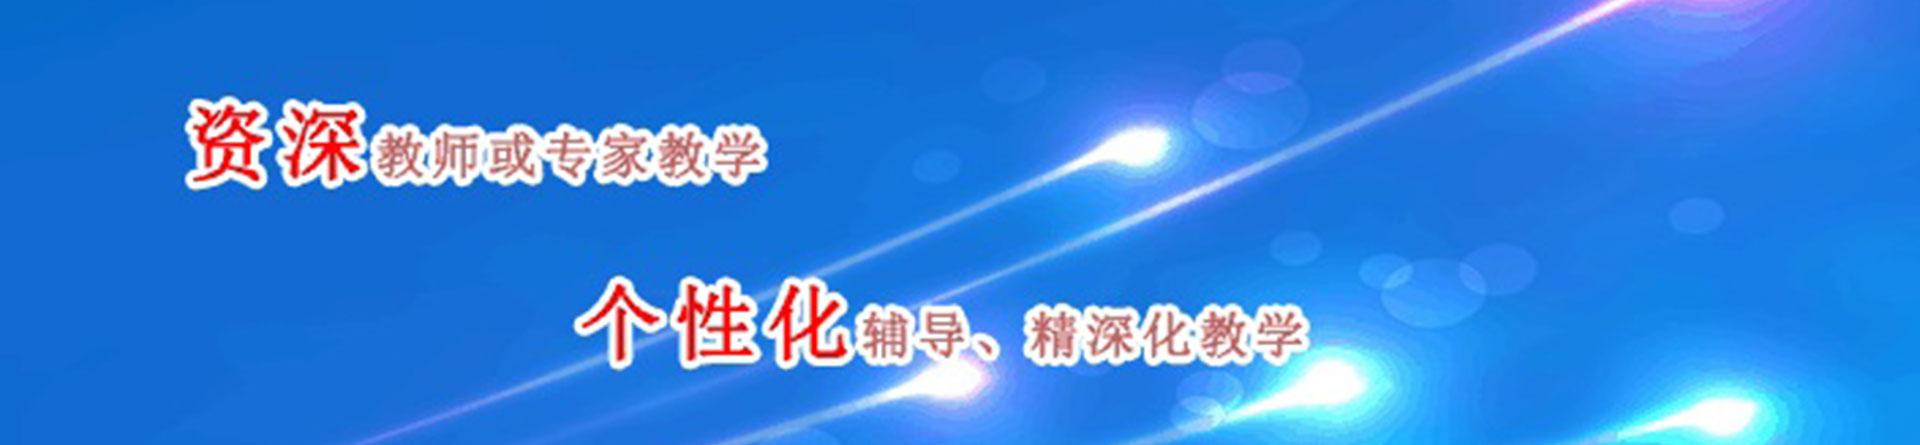 郑州博腾教育